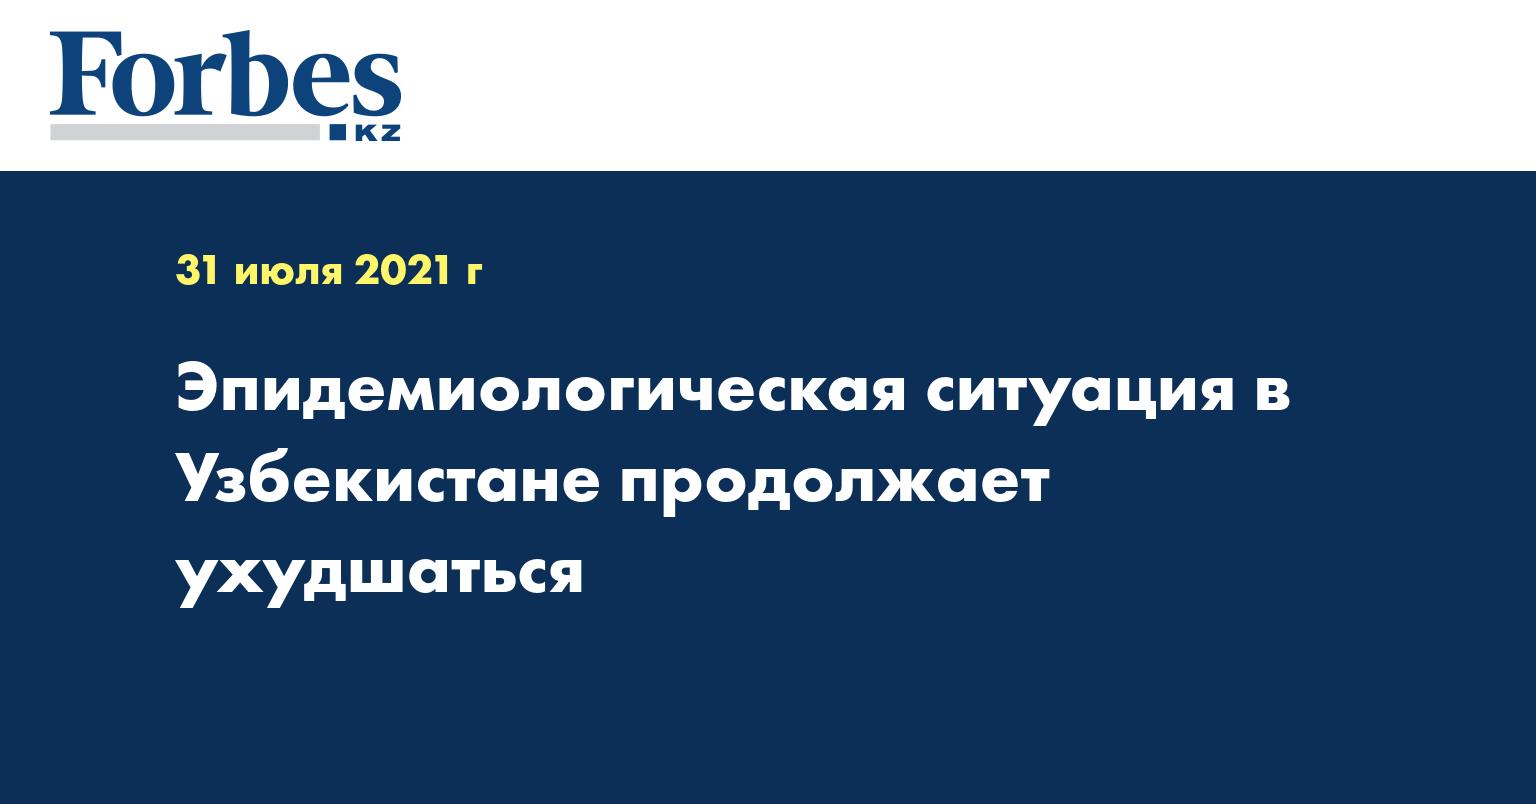 Эпидемиологическая ситуация в Узбекистане продолжает ухудшаться